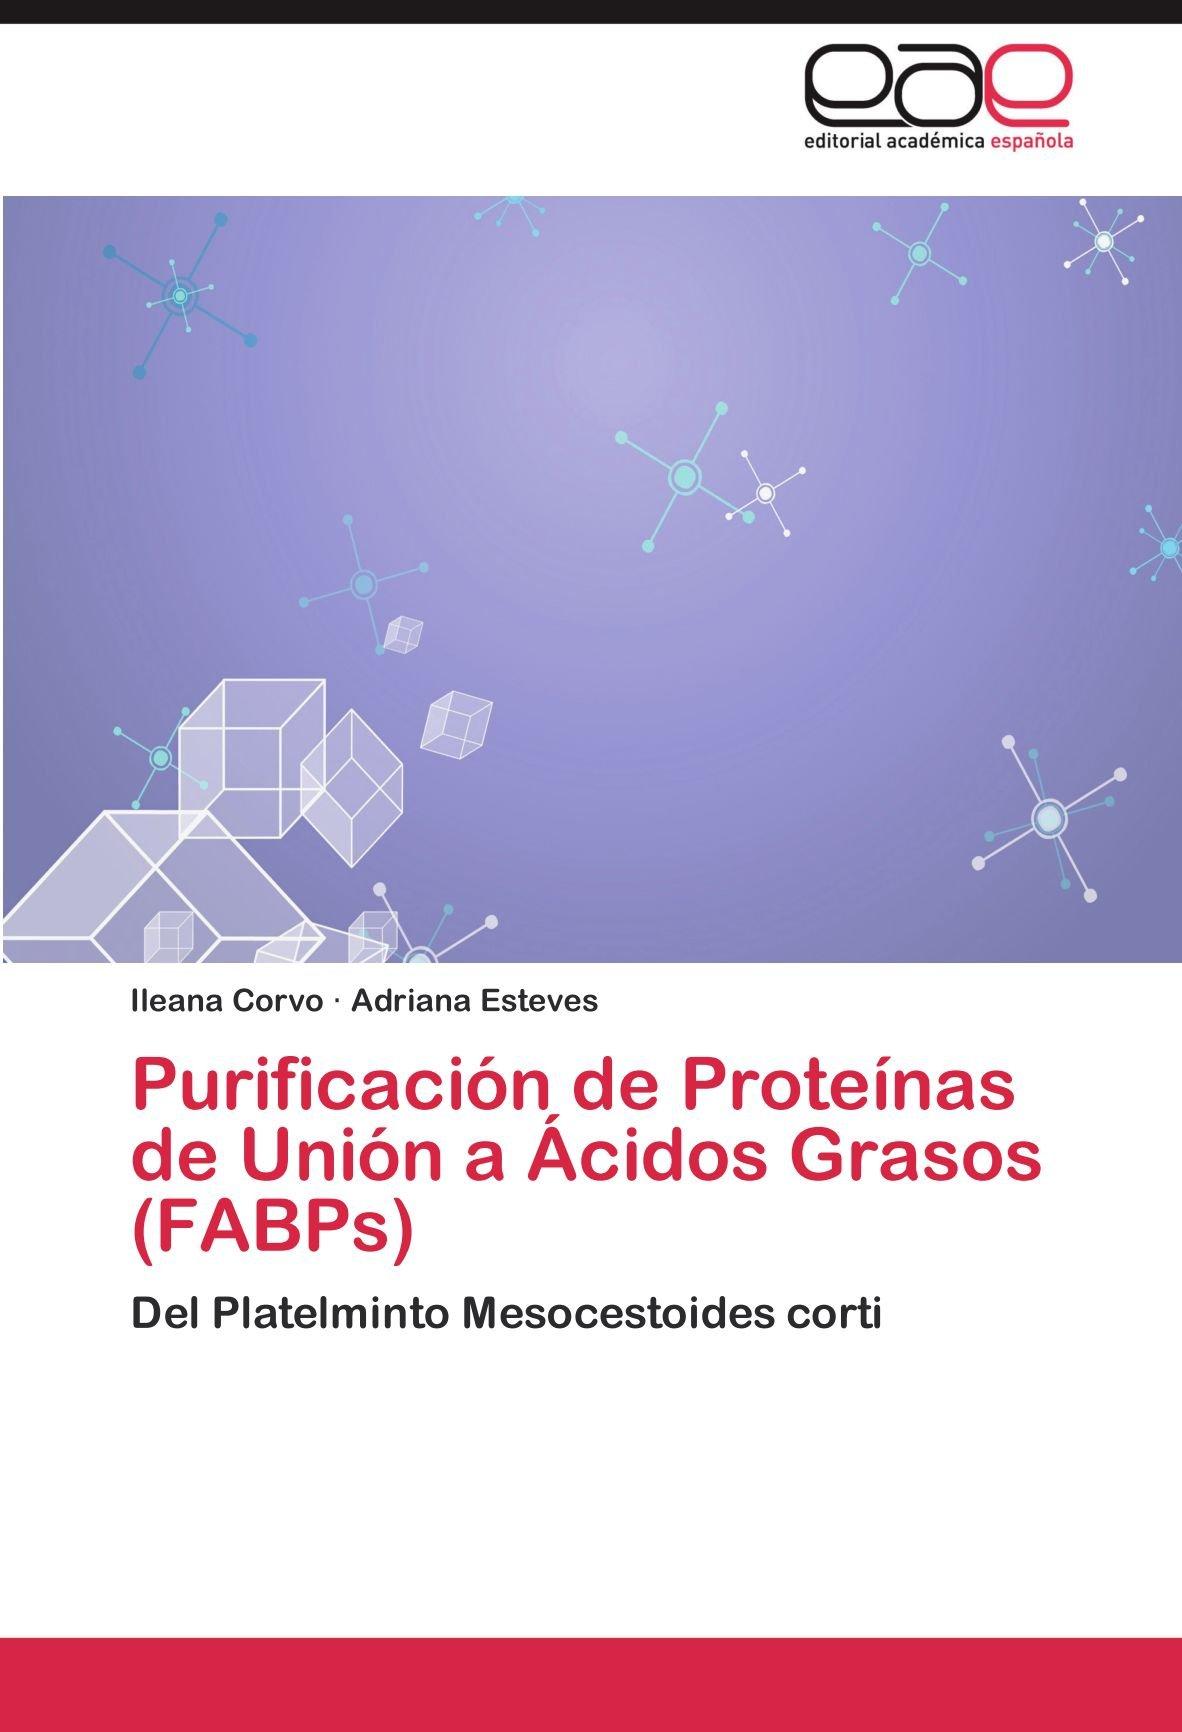 Purificación de Proteínas de Unión a Ácidos Grasos FABPs ...